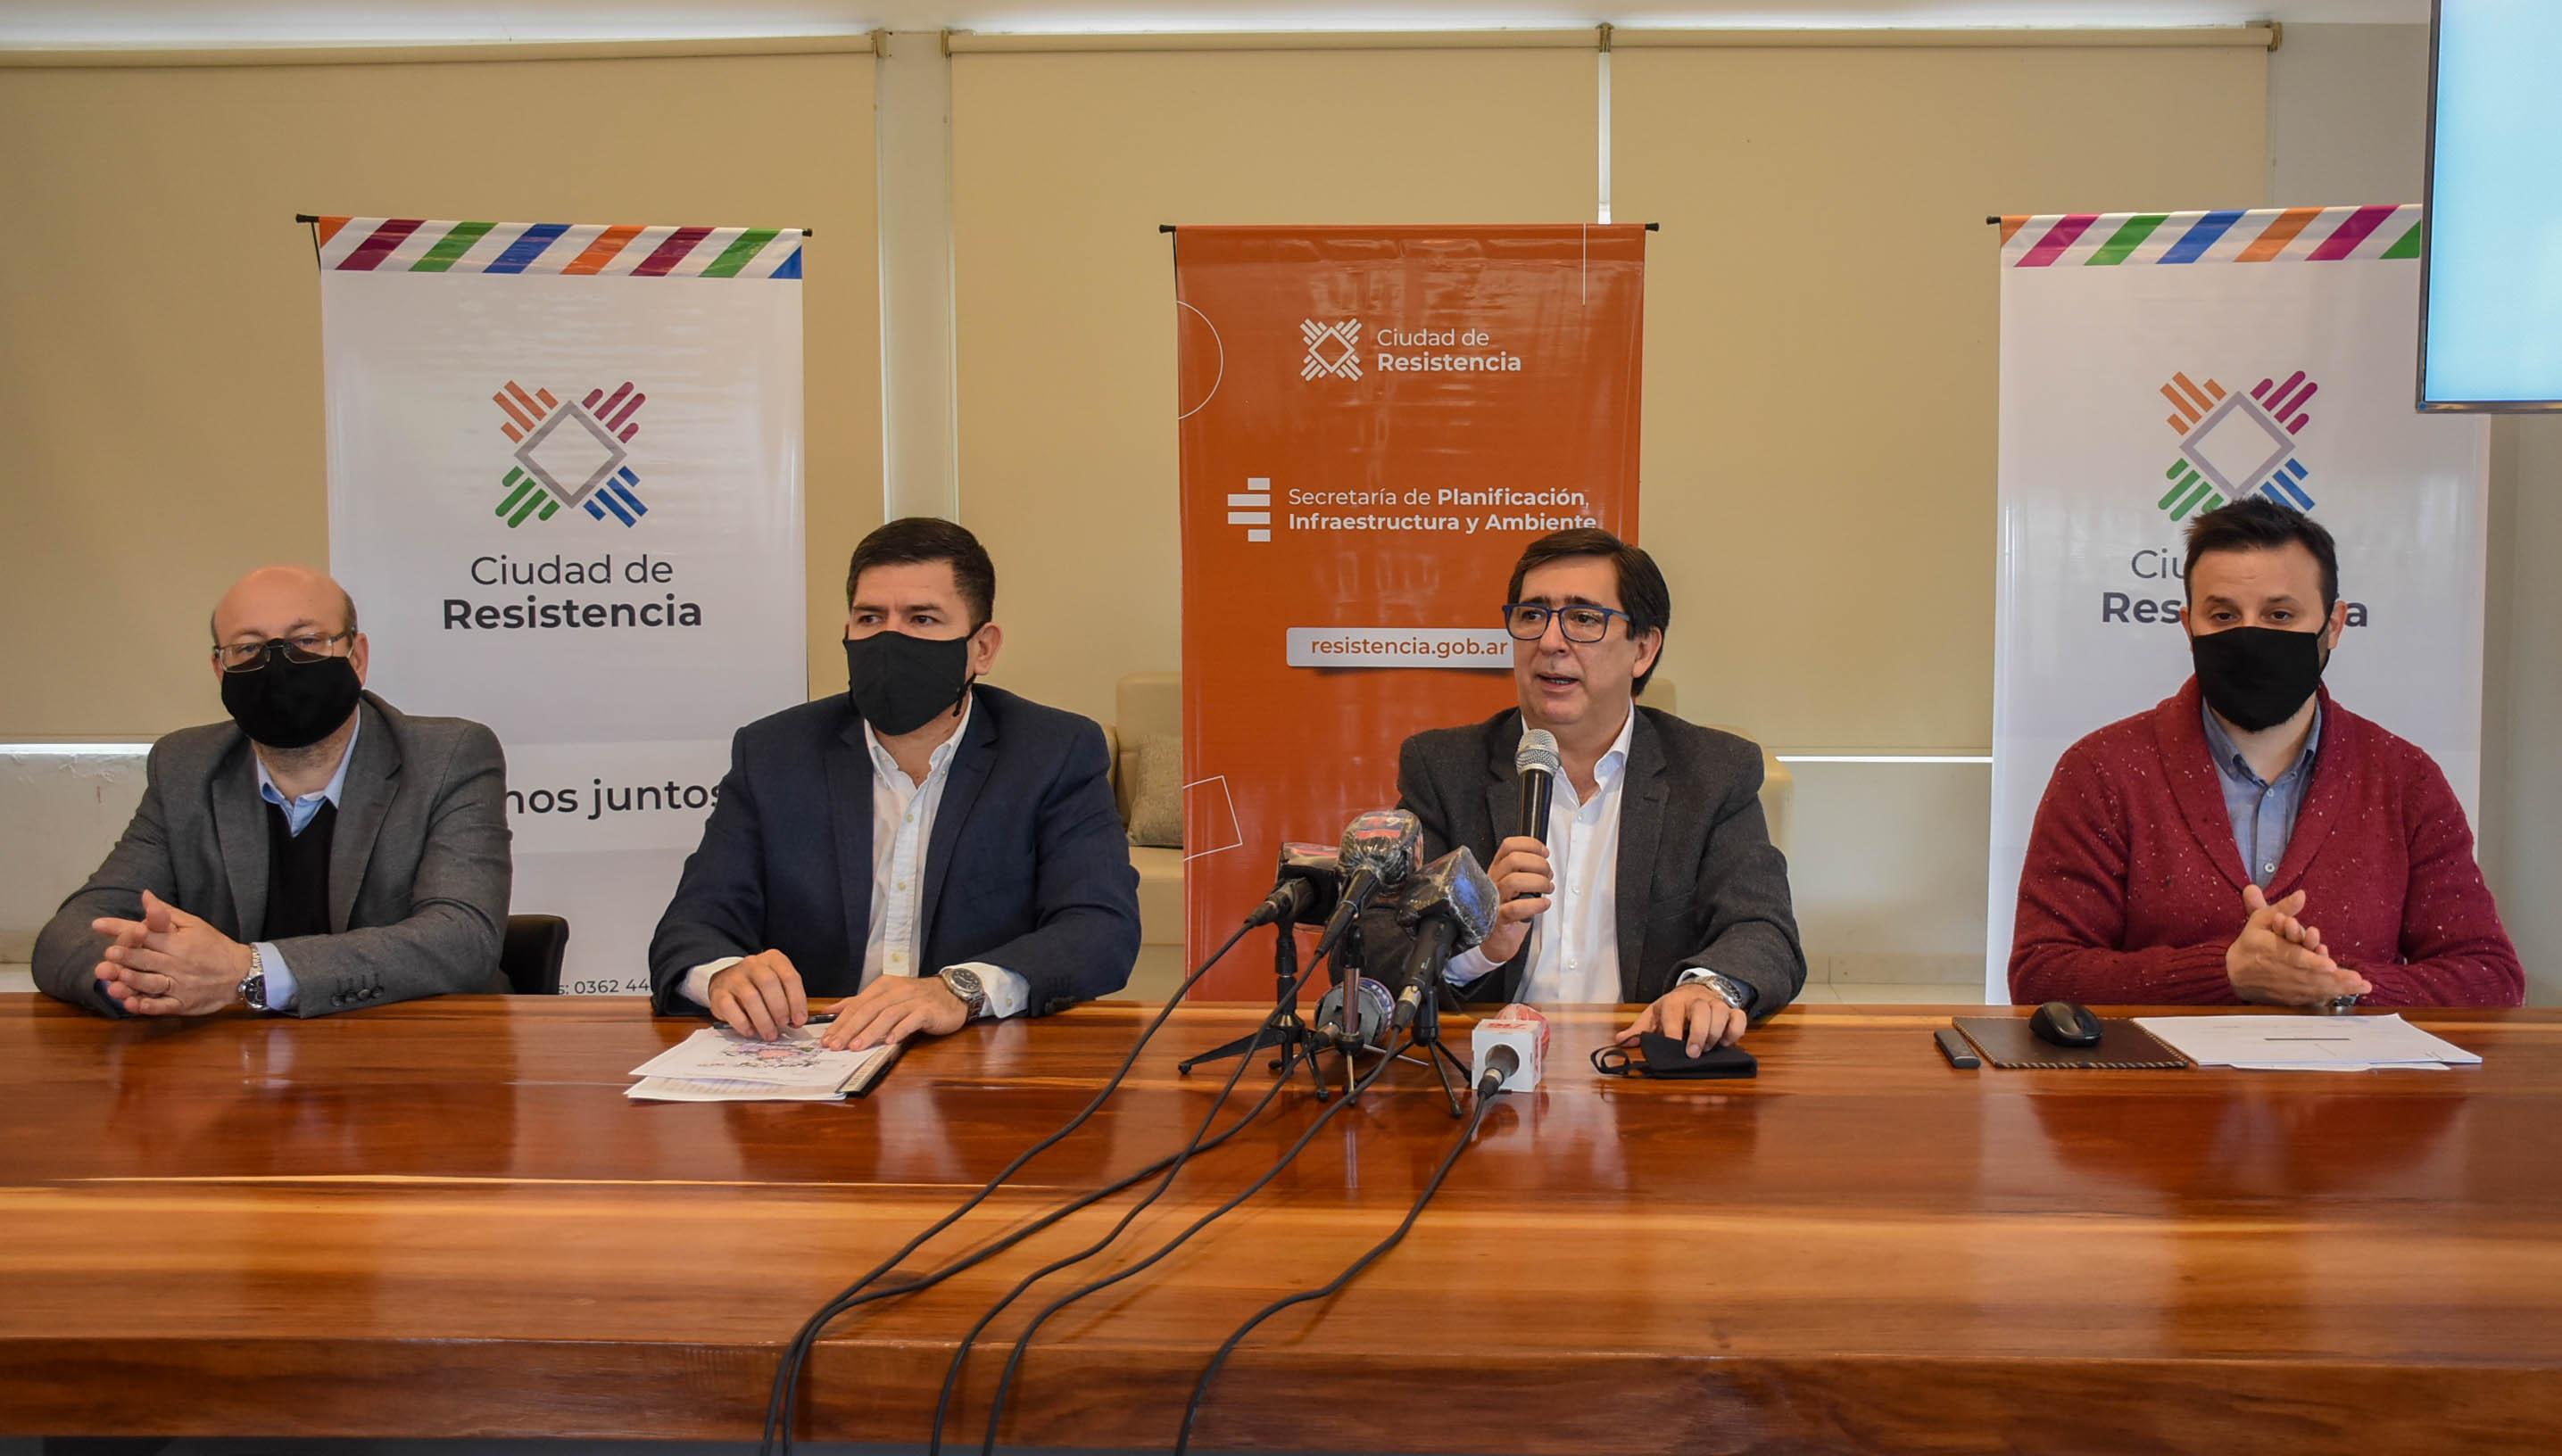 La Municipalidad de Resistencia presentó su nuevo Plan Director de Servicios Públicos